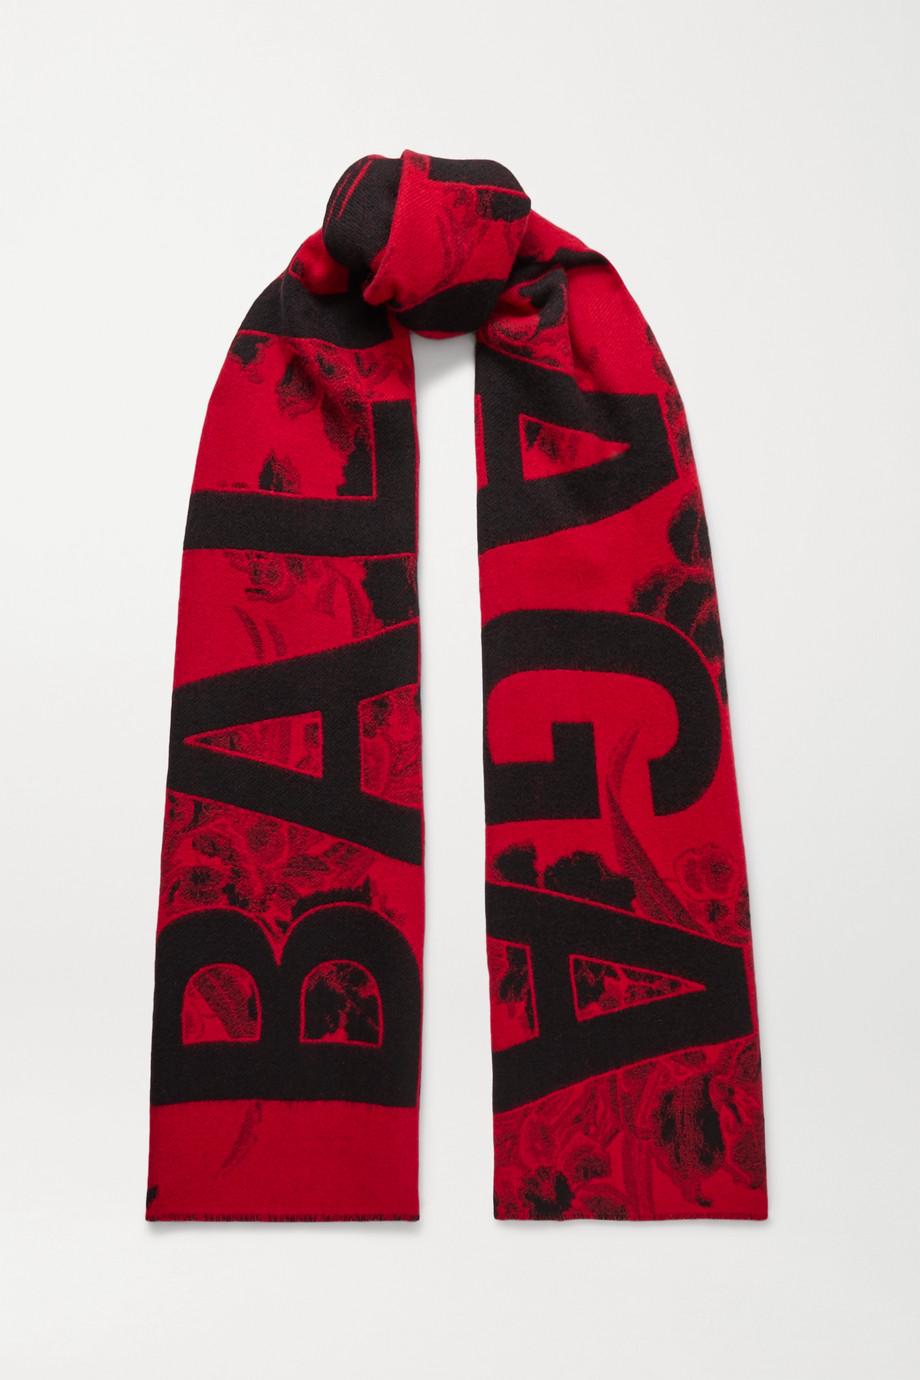 Balenciaga 羊毛提花围巾